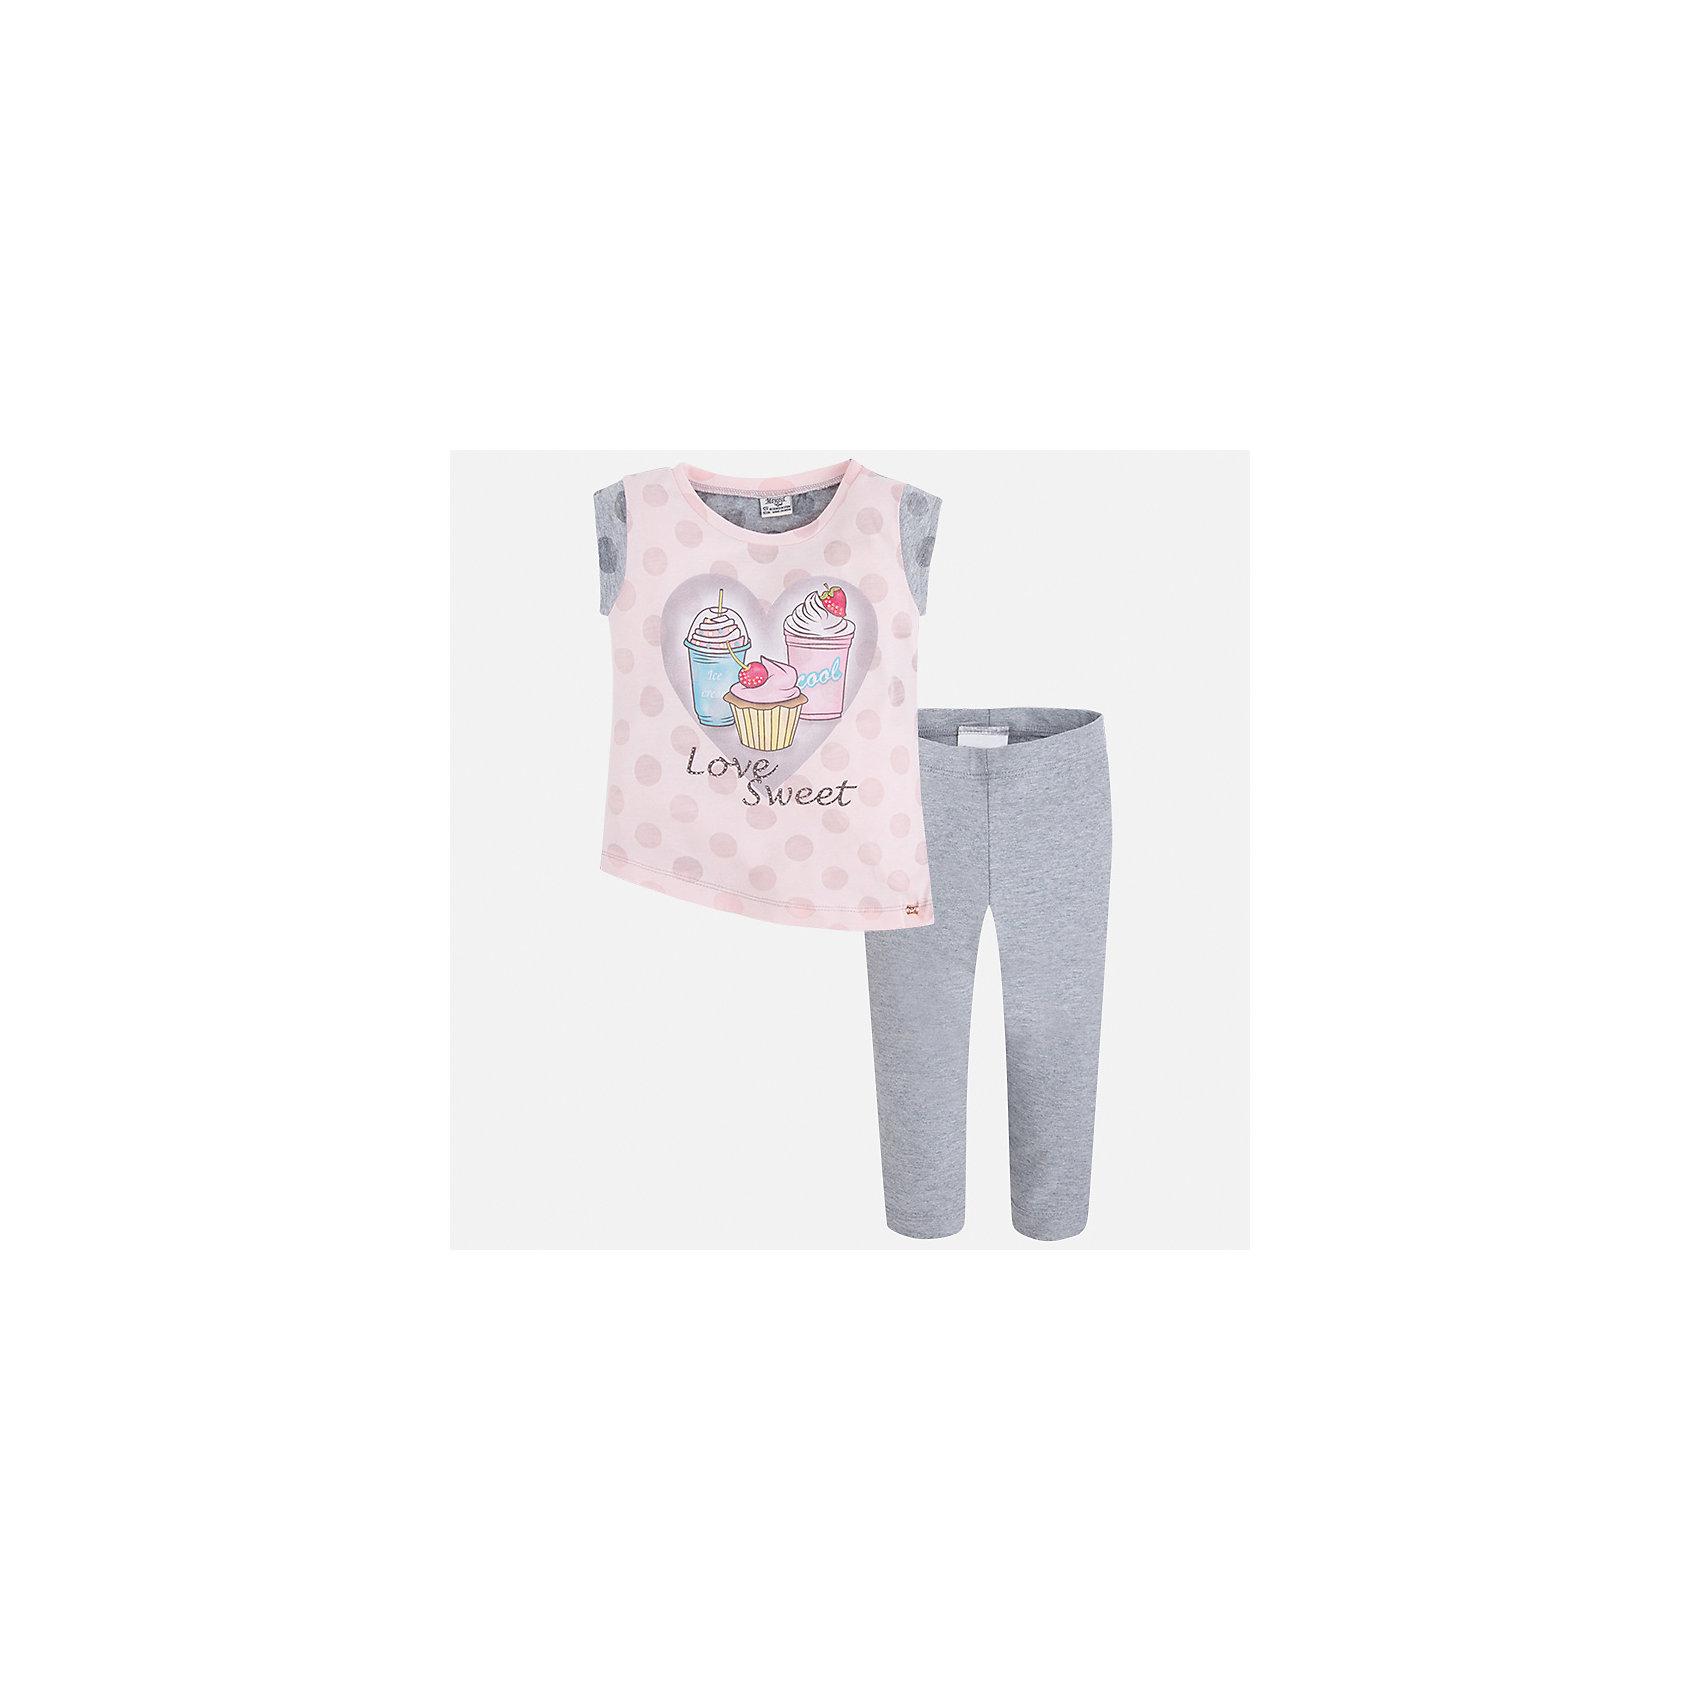 Комплект: футболка и бриджи для девочки MayoralХарактеристики товара:<br><br>• цвет: серый/розовый<br>• состав: 55% хлопок, 45% полиэстер<br>• комплектация: футболка, бриджи<br>• футболка декорирована принтом<br>• бриджи в клетку<br>• пояс на резинке<br>• страна бренда: Испания<br><br>Красивый качественный комплект для девочки поможет разнообразить гардероб ребенка и удобно одеться в теплую погоду. Он отлично сочетается с другими предметами. Универсальный цвет позволяет подобрать к вещам верхнюю одежду практически любой расцветки. Интересная отделка модели делает её нарядной и оригинальной. В составе материала - натуральный хлопок, гипоаллергенный, приятный на ощупь, дышащий.<br><br>Одежда, обувь и аксессуары от испанского бренда Mayoral полюбились детям и взрослым по всему миру. Модели этой марки - стильные и удобные. Для их производства используются только безопасные, качественные материалы и фурнитура. Порадуйте ребенка модными и красивыми вещами от Mayoral! <br><br>Комплект для девочки от испанского бренда Mayoral (Майорал) можно купить в нашем интернет-магазине.<br><br>Ширина мм: 191<br>Глубина мм: 10<br>Высота мм: 175<br>Вес г: 273<br>Цвет: серый<br>Возраст от месяцев: 24<br>Возраст до месяцев: 36<br>Пол: Женский<br>Возраст: Детский<br>Размер: 98,104,110,116,122,128,134,92<br>SKU: 5290389